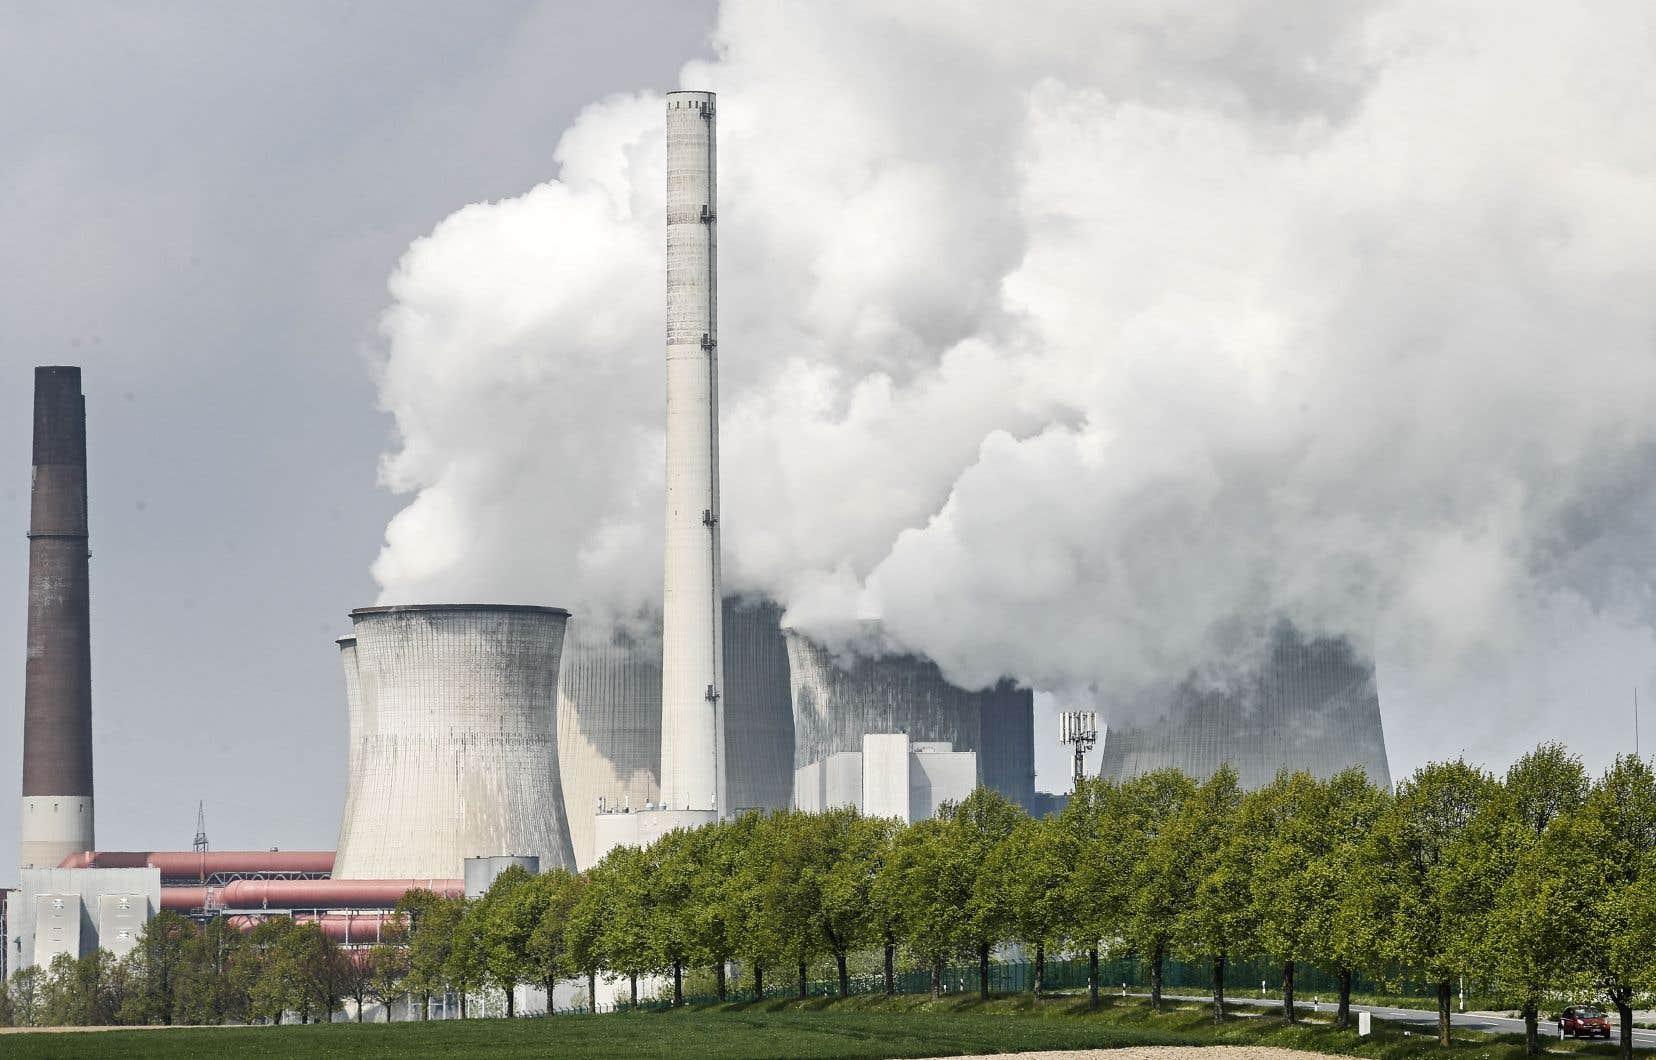 Devant l'urgence climatique, Bâtirente a développé une politique d'investissement responsable et encourage les compagnies à changer leurs pratiques.